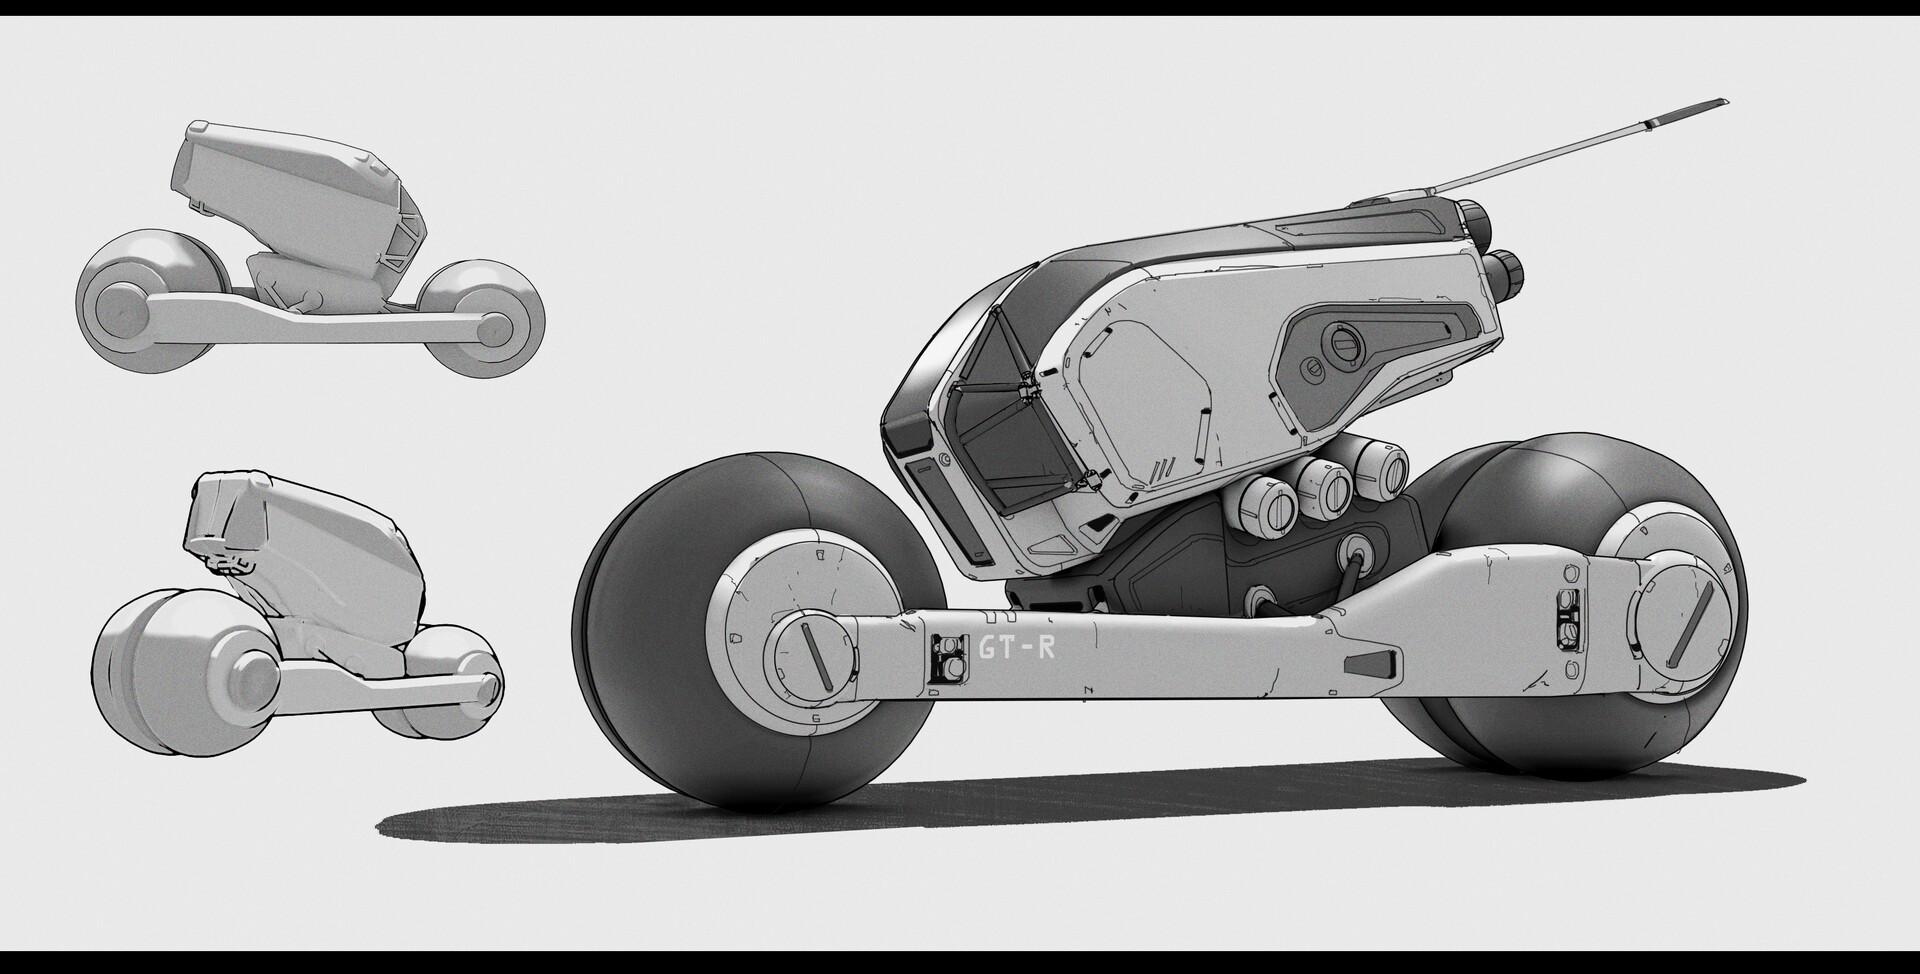 Jx saber vehicle 3